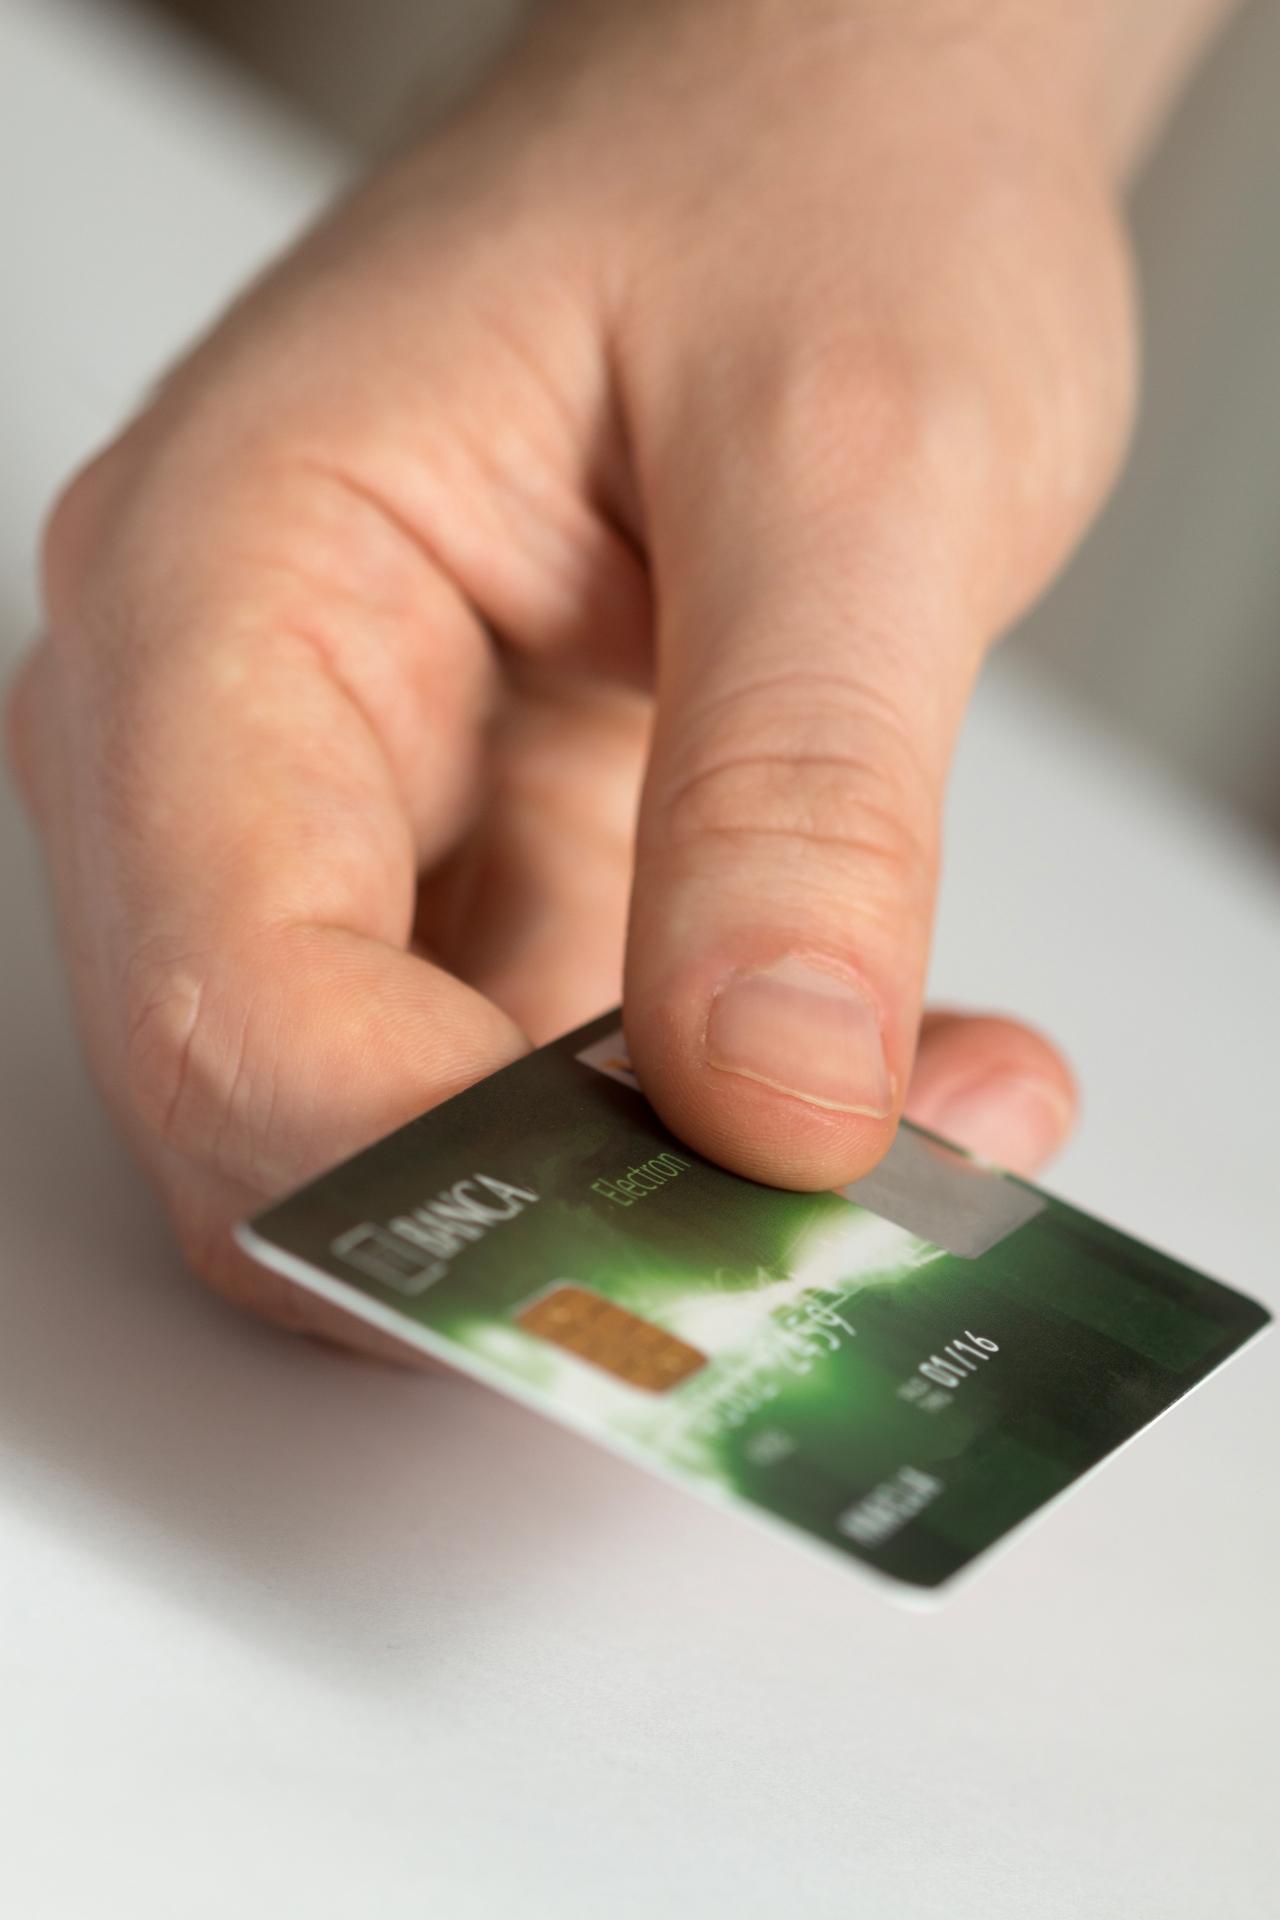 担心礼物的现金券!可以用信用卡购买的优惠券商店是什么?